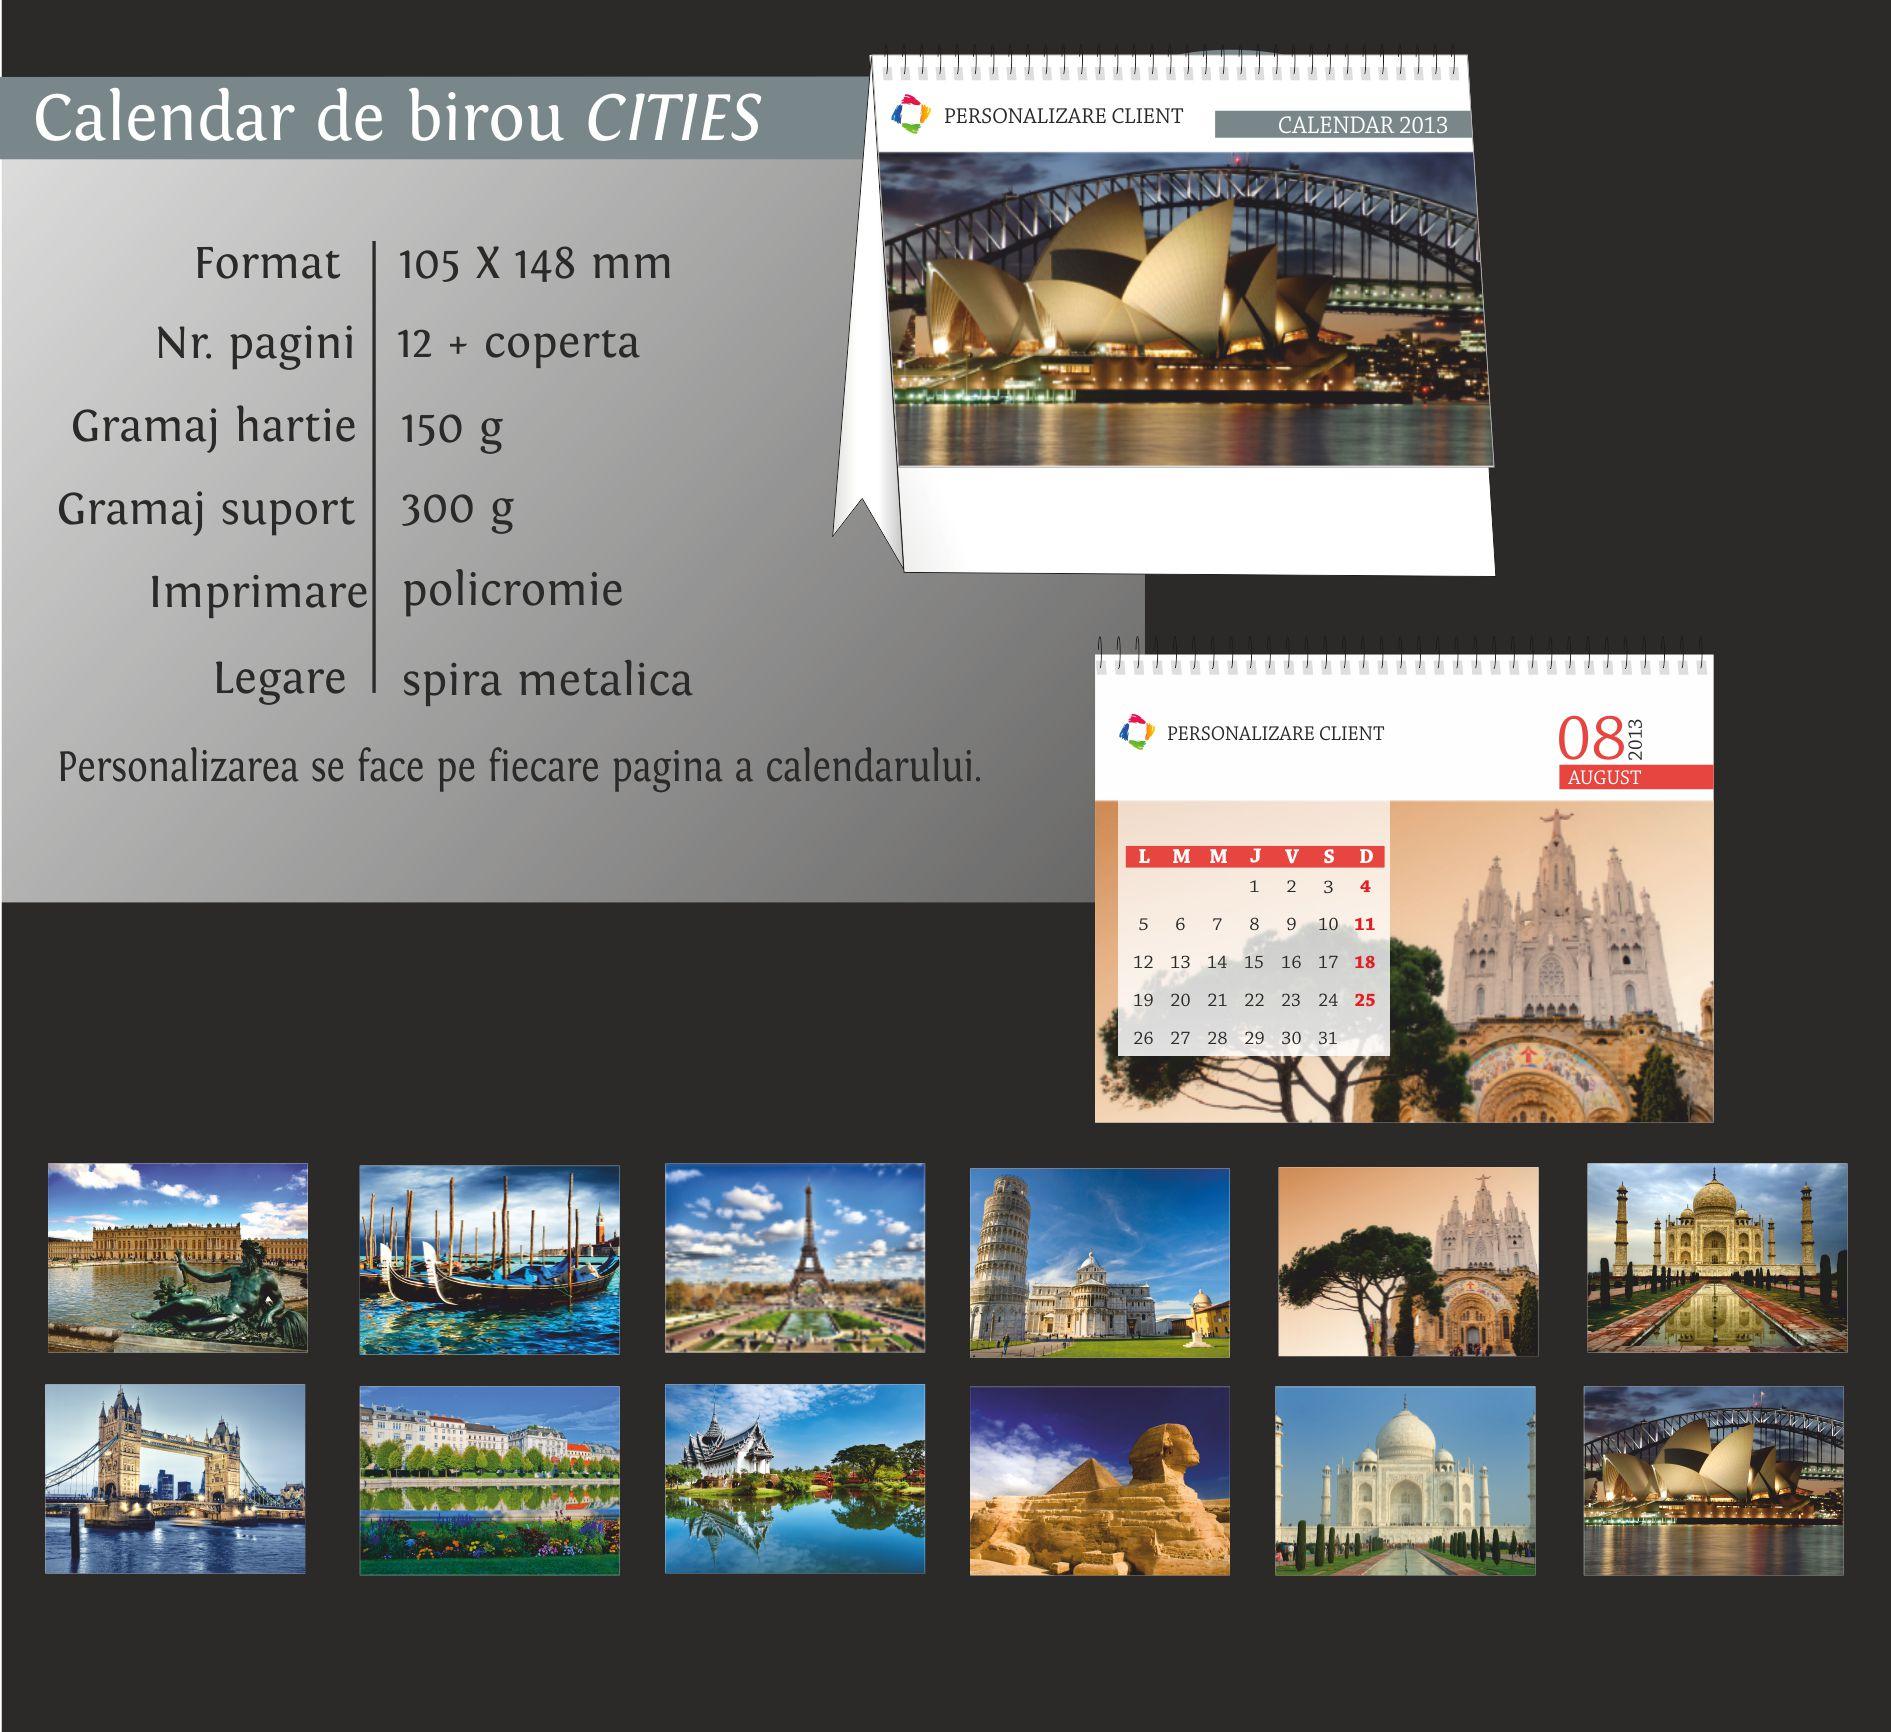 calendare birou cities